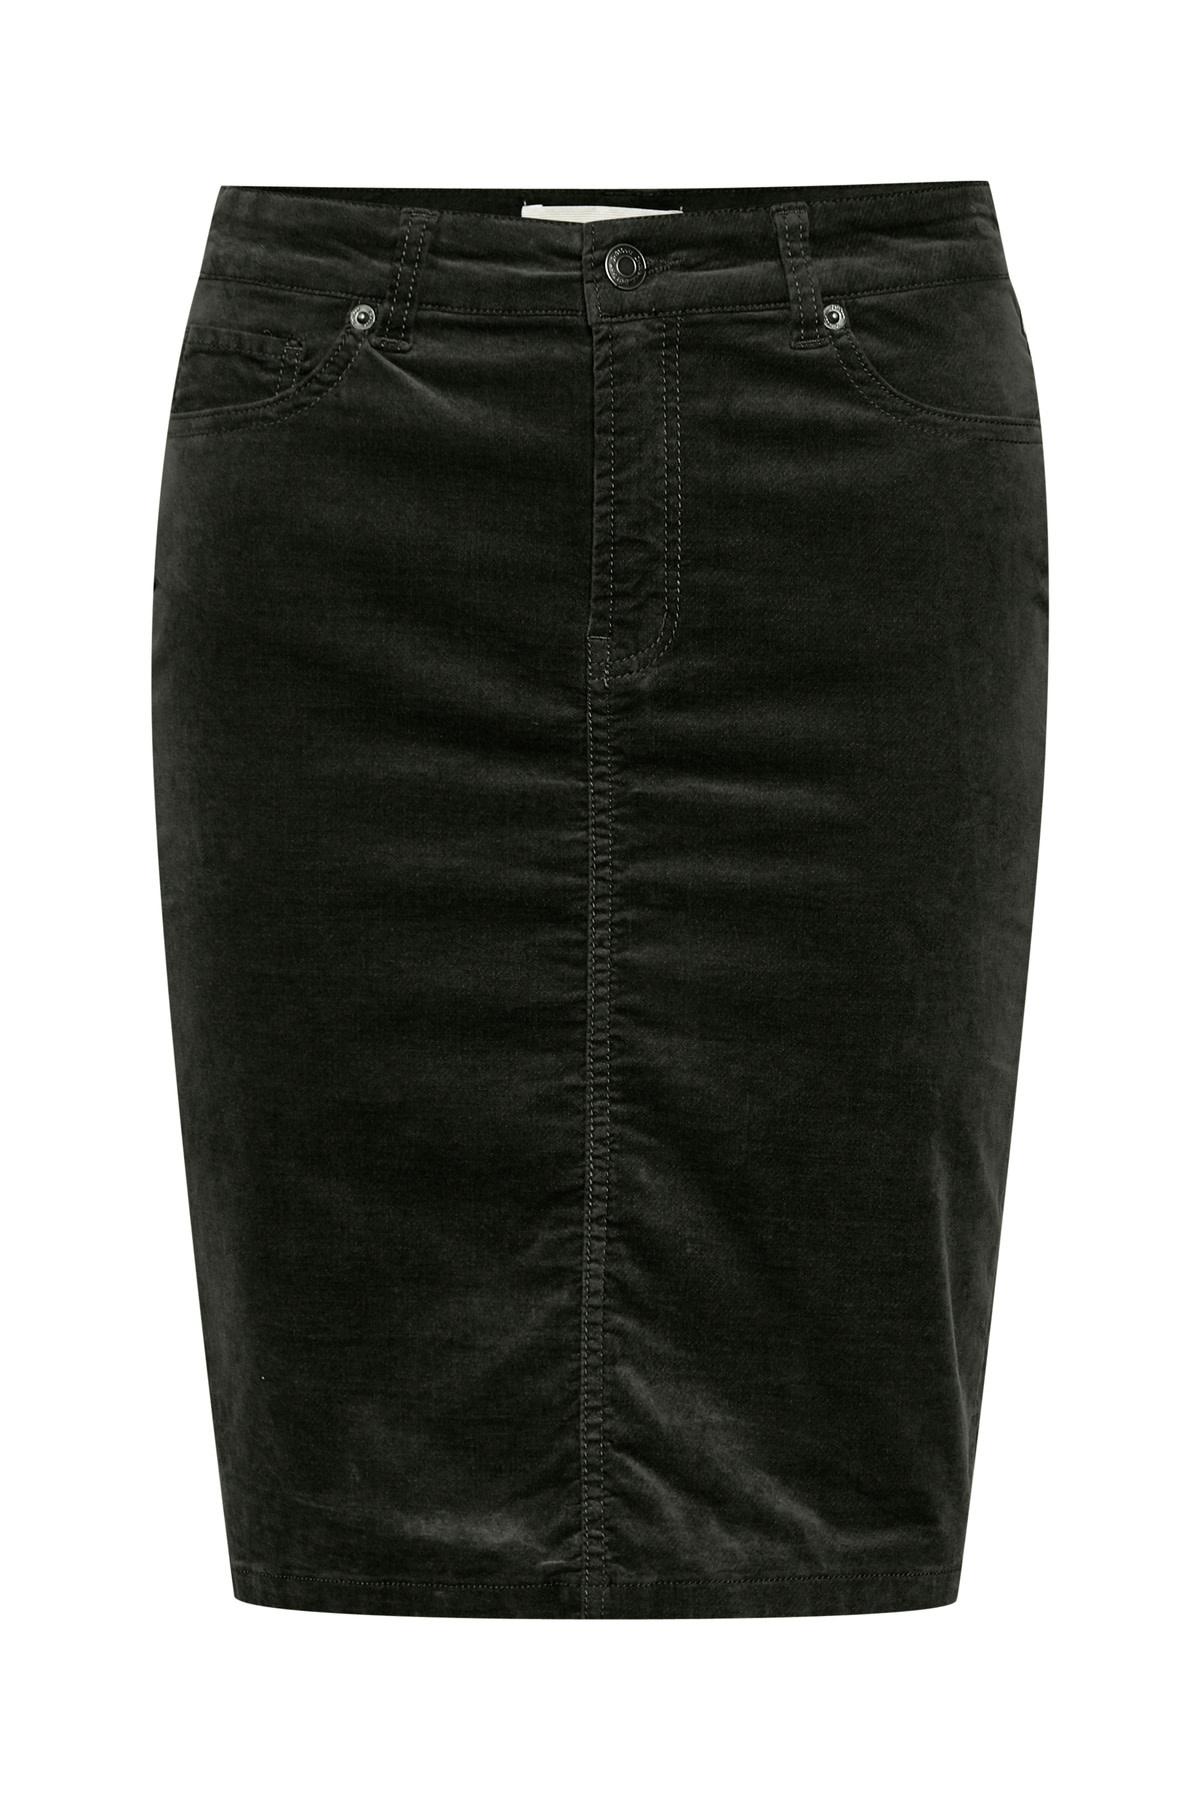 Tille Skirt - Black